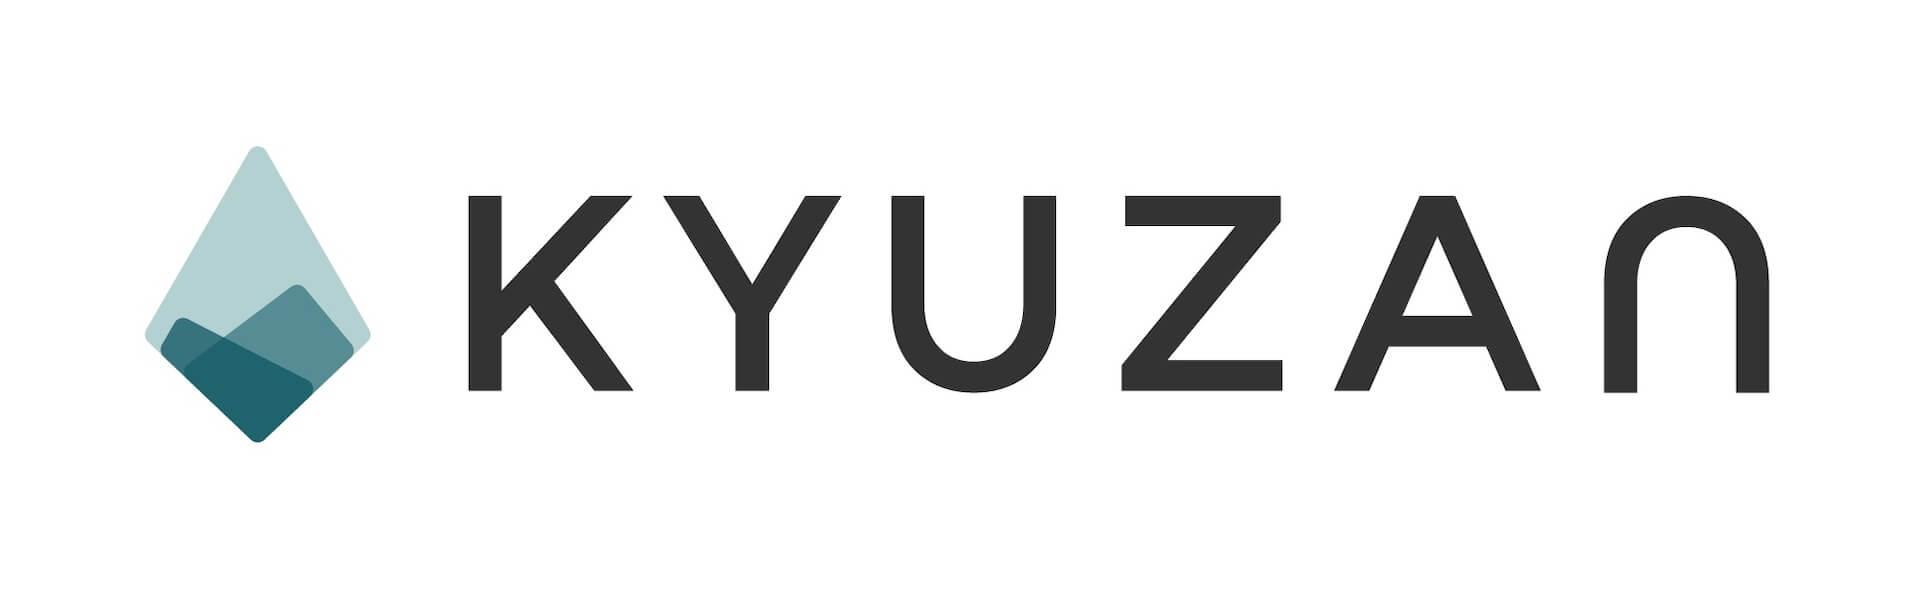 ライゾマティクスによるCryptoArtのプラットフォーム「CryptoArt Experiment」のβ版がオープン! art210405_rhizomatiks_cryptoart_5